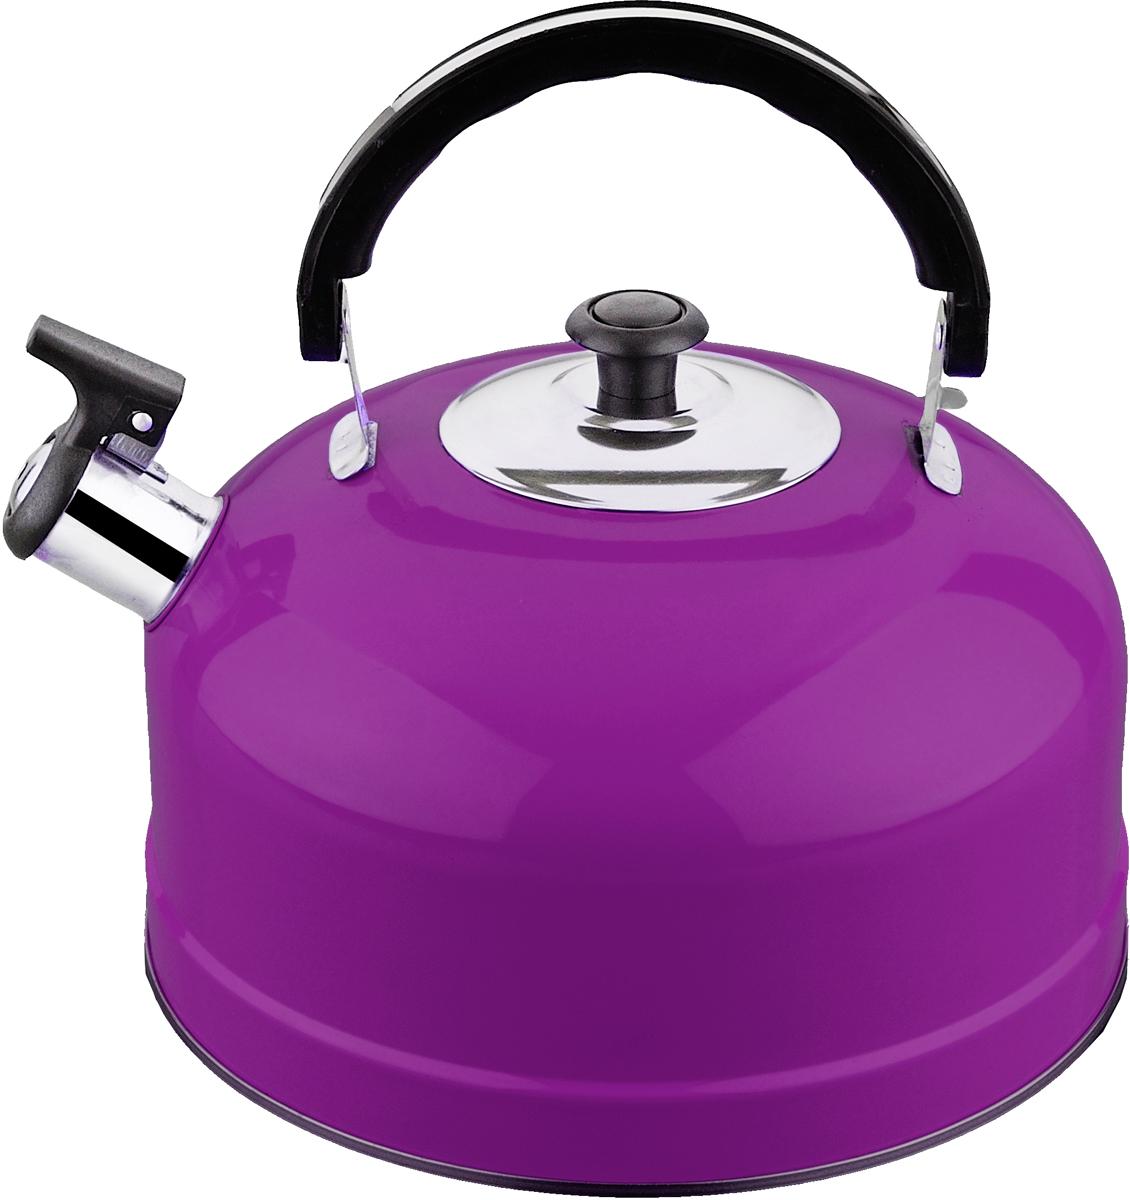 Чайник Irit, со свистком, цвет: красный, 2,5 лIRH-418 фиолетовыйЧайник из нержавеющей стали со свистком, объем 2,5 л. Изготовлен из высококачественной нержавеющей стали, однослойное дно. Подвижная ручка из термостойкого пластика. Ручка не нагревается.